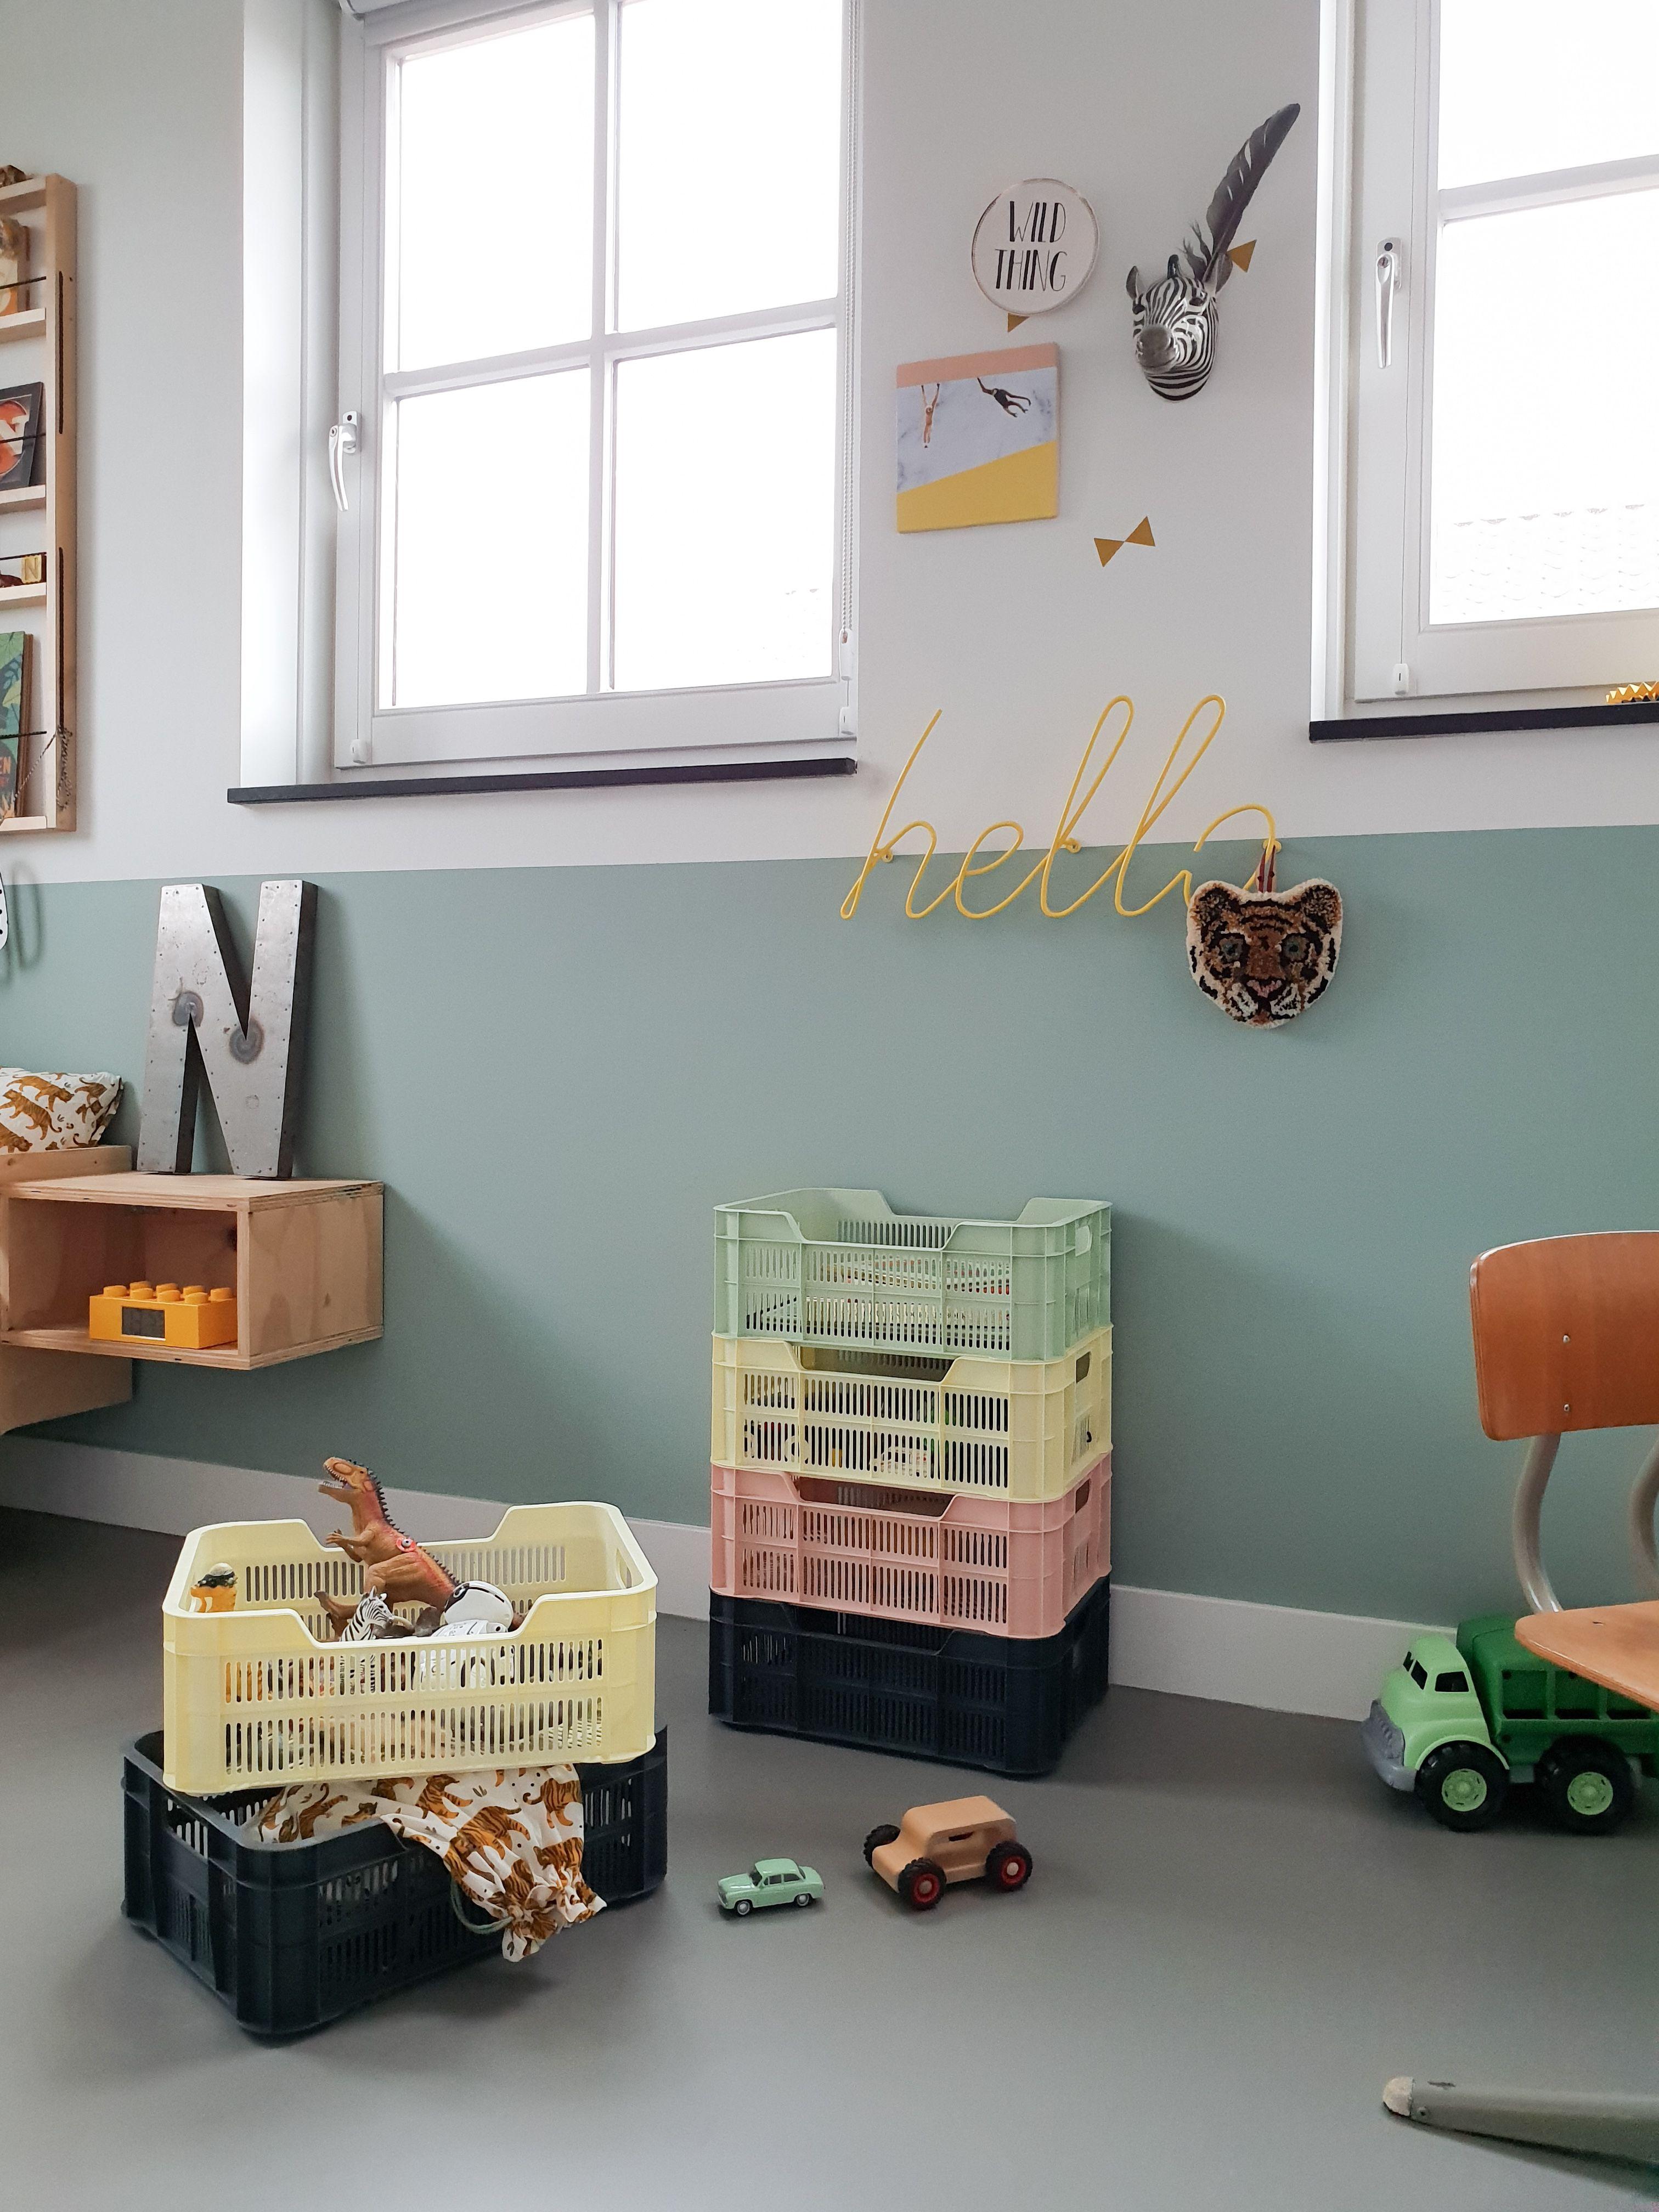 Pin Van Andra Nieuwkoop Op Boysroom Met Afbeeldingen Kleine Badkamer Decoreren Kinderkamer Inspiratie Kleine Tiener Slaapkamers